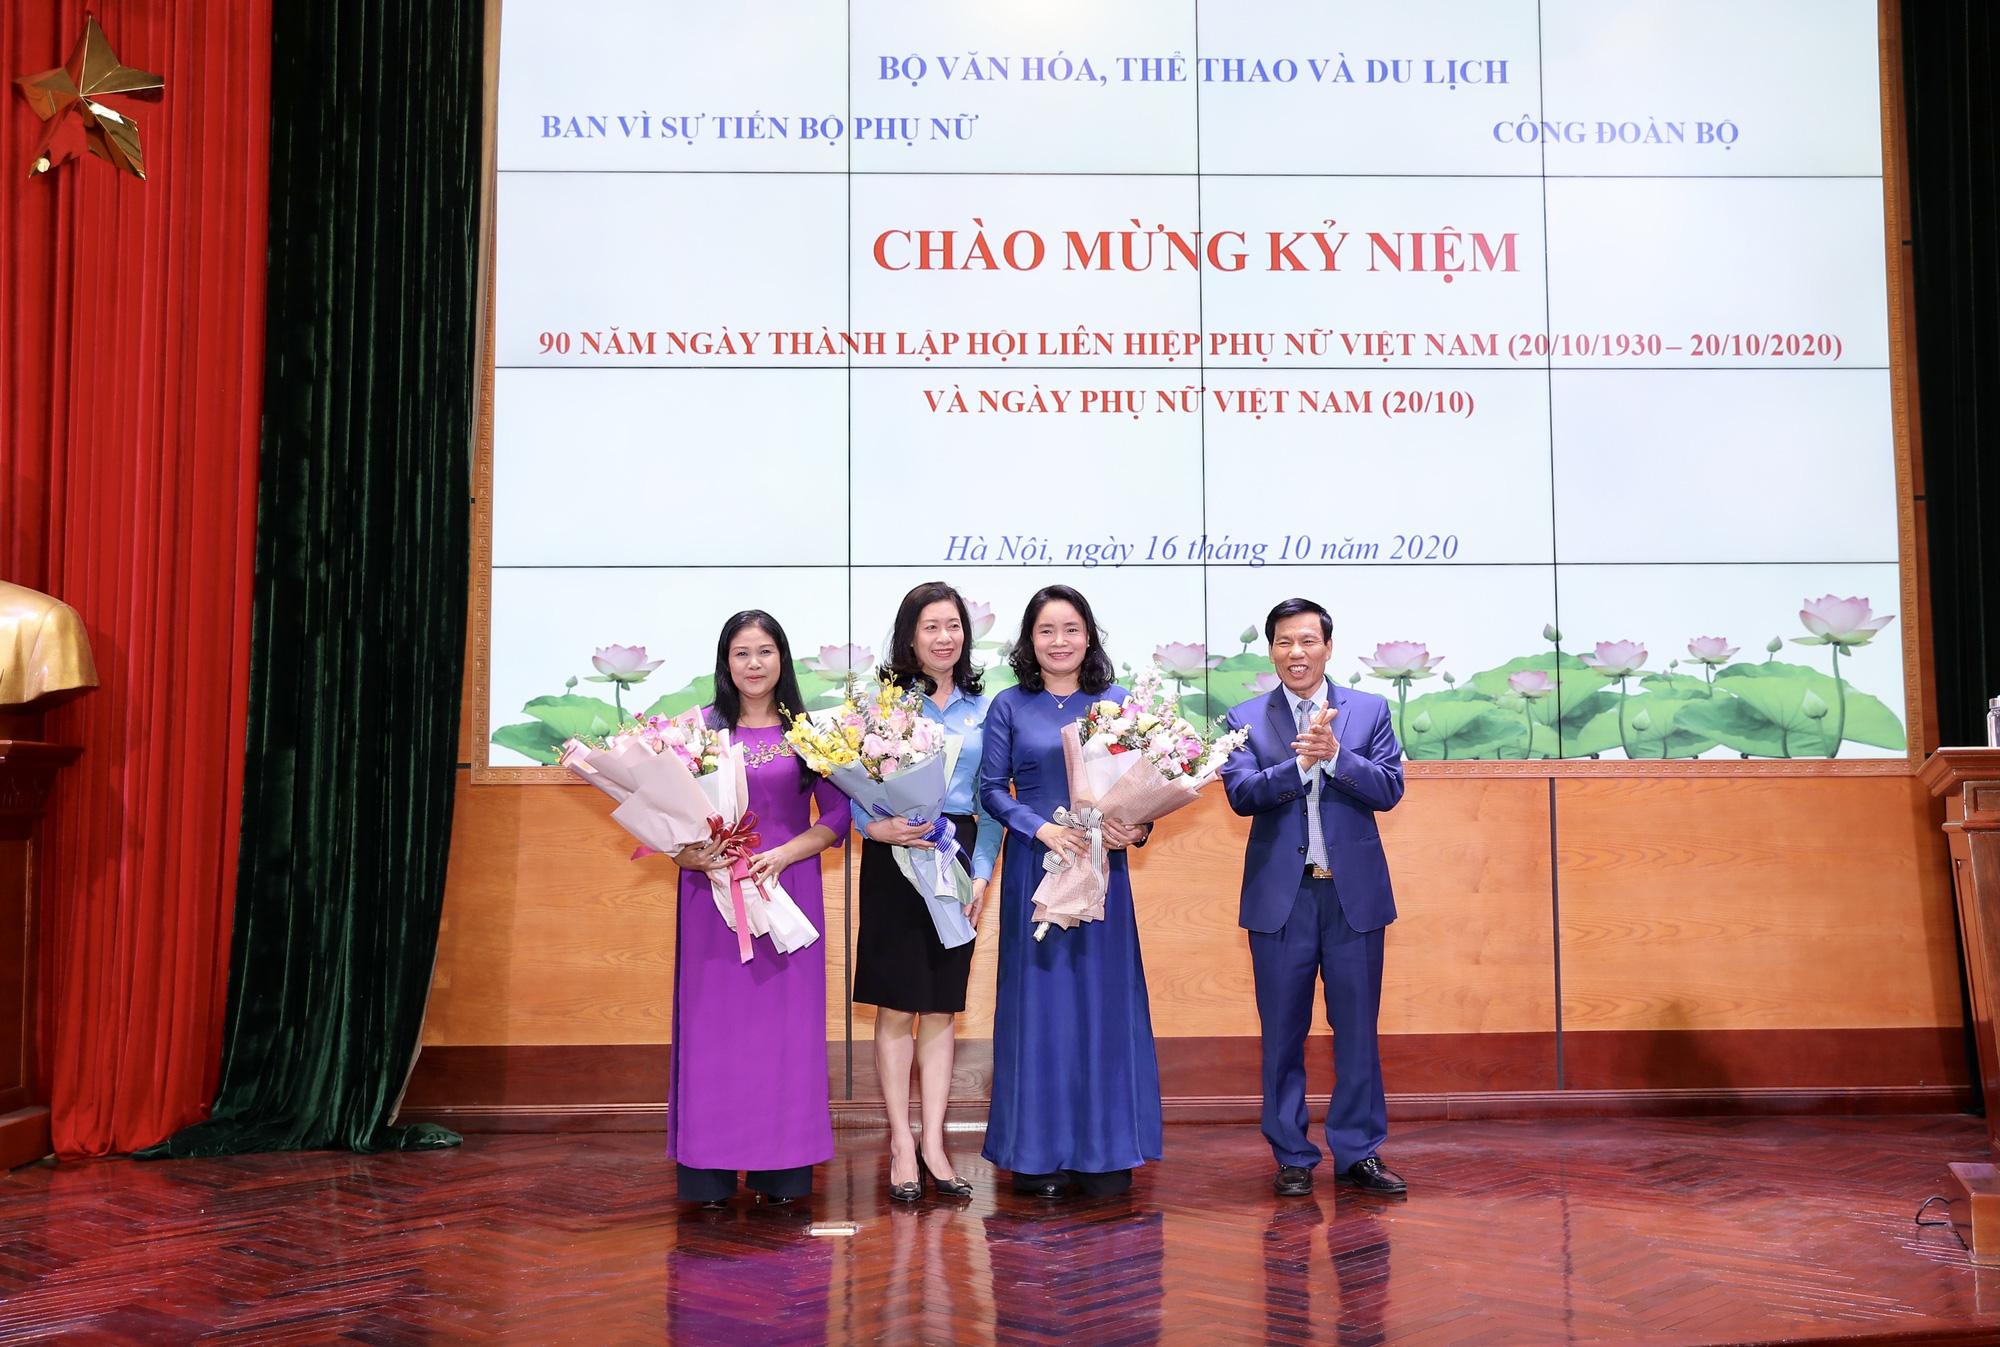 Bộ trưởng Nguyễn Ngọc Thiện: Cán bộ, công chức, viên chức, người lao động nữ đã có đóng góp lớn vào thành tích chung của Bộ VHTTDL - Ảnh 2.